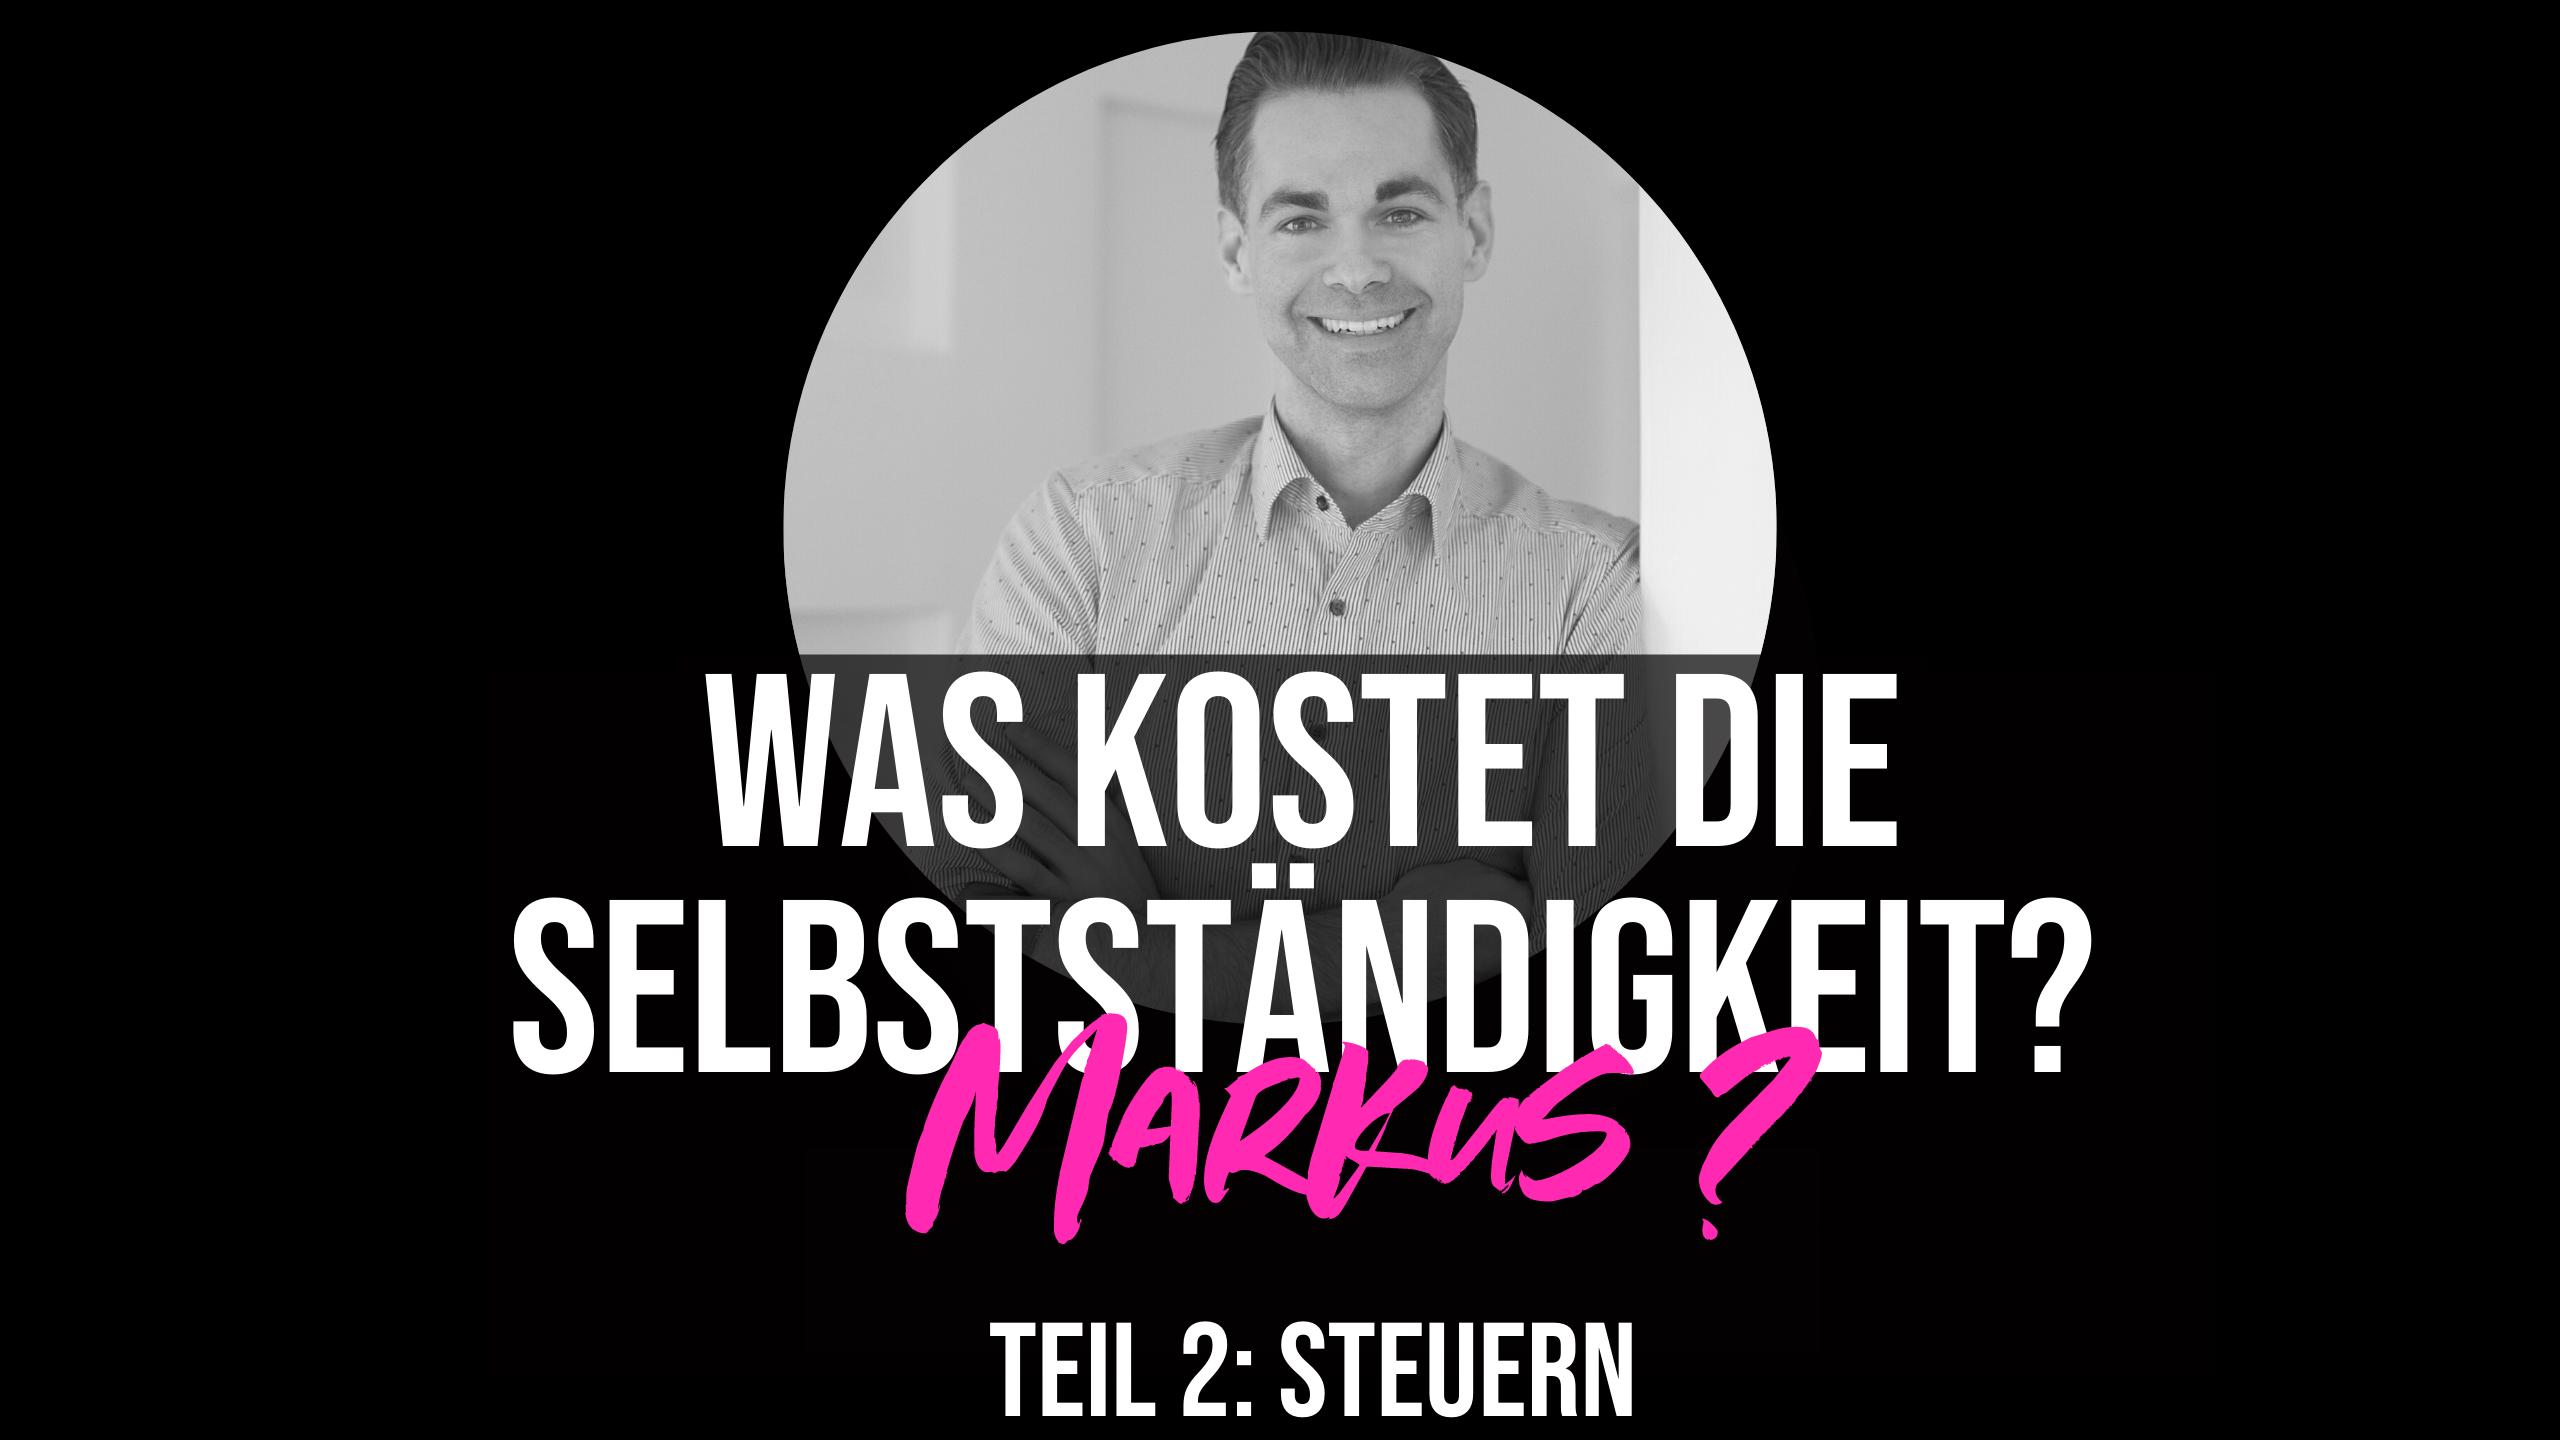 Anwalt Markus erklärt Steuern